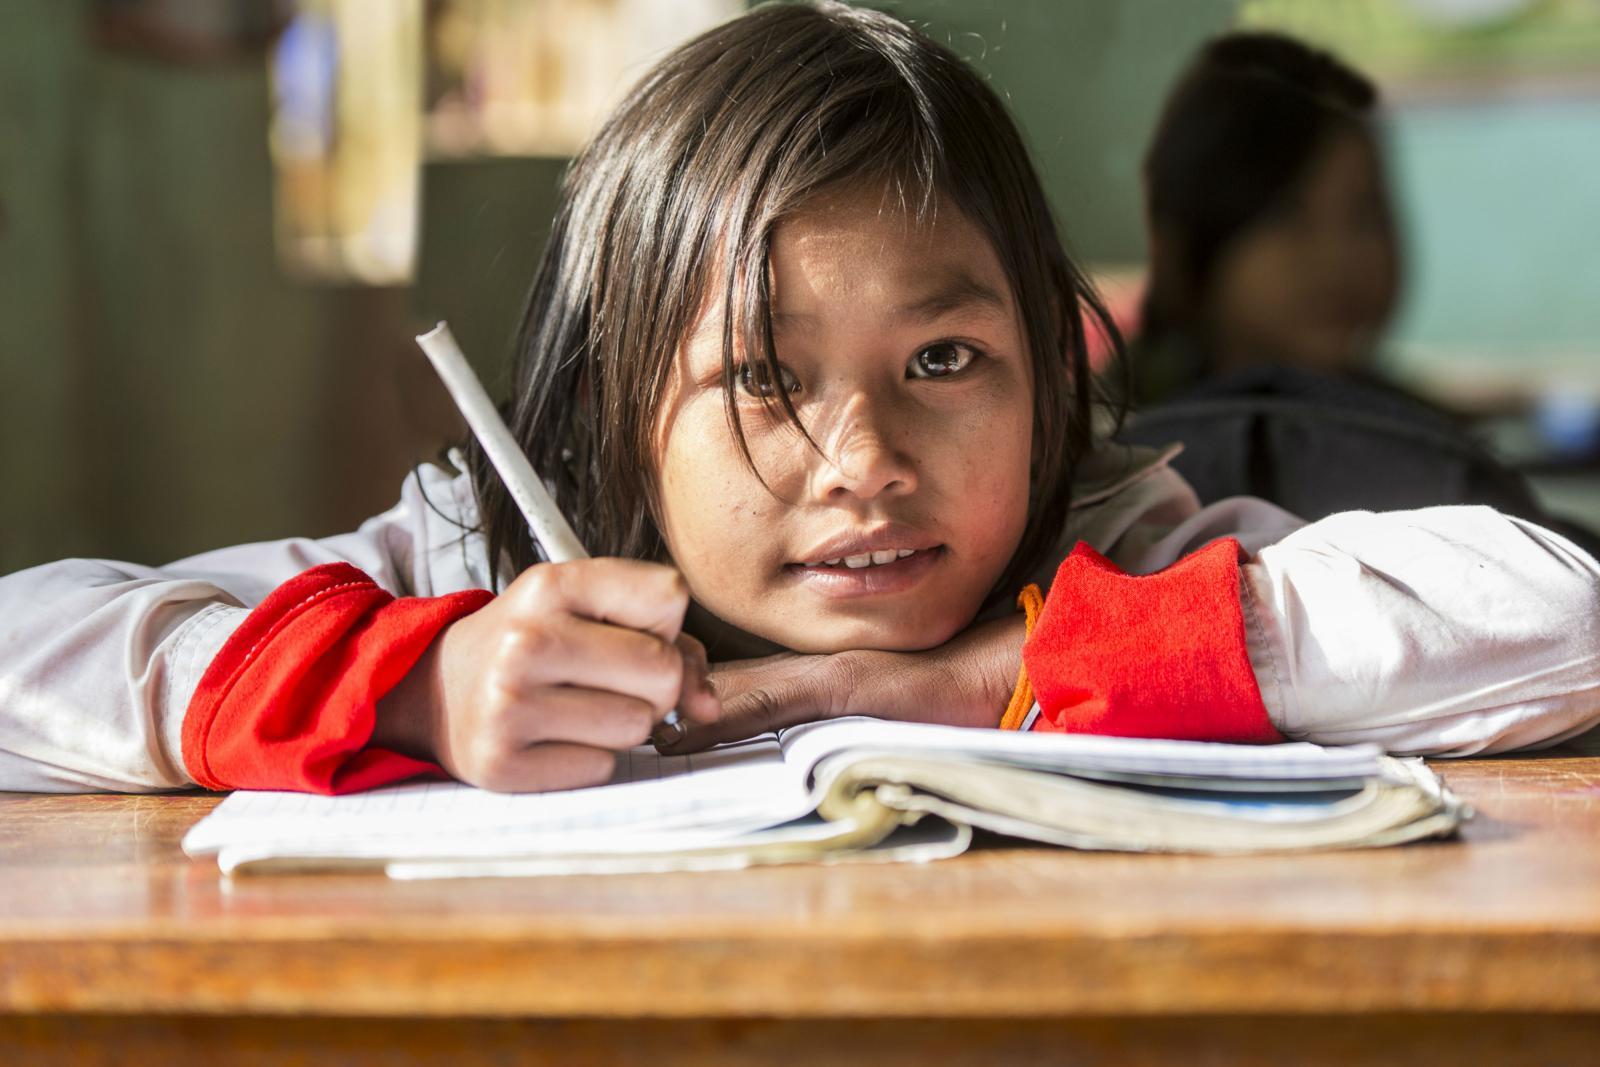 Lee las cartas de niños apadrinados | ONG Plan International